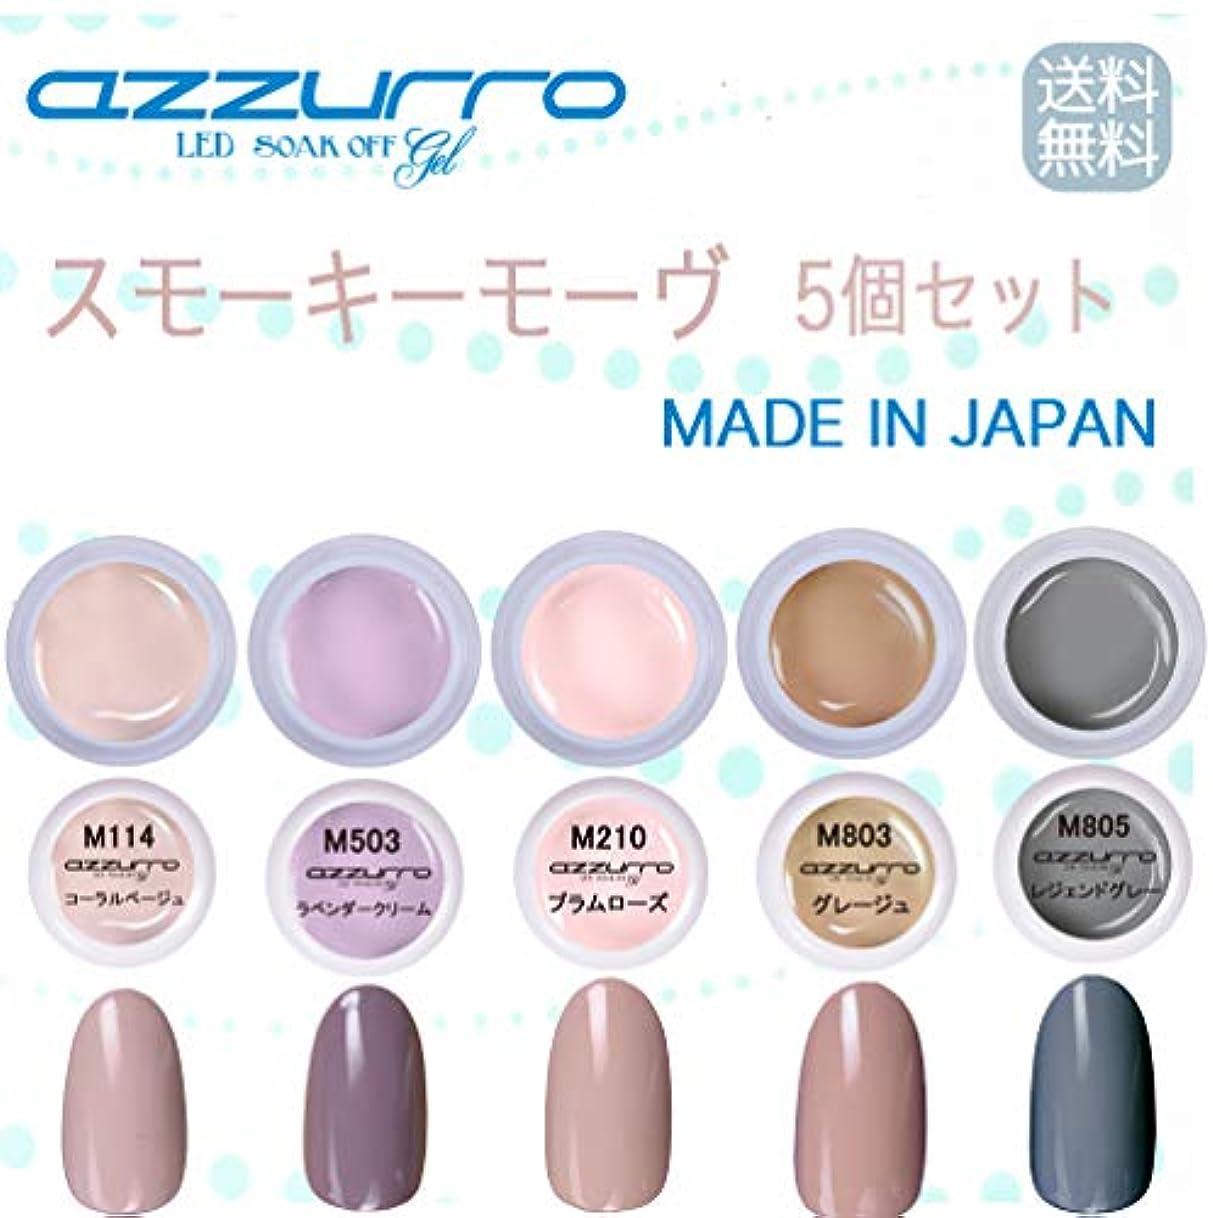 実質的少数尊敬する【送料無料】日本製 azzurro gel スモーキーモーヴカラージェル5個セット 春色にもかかせないとスモーキーなモーヴカラー